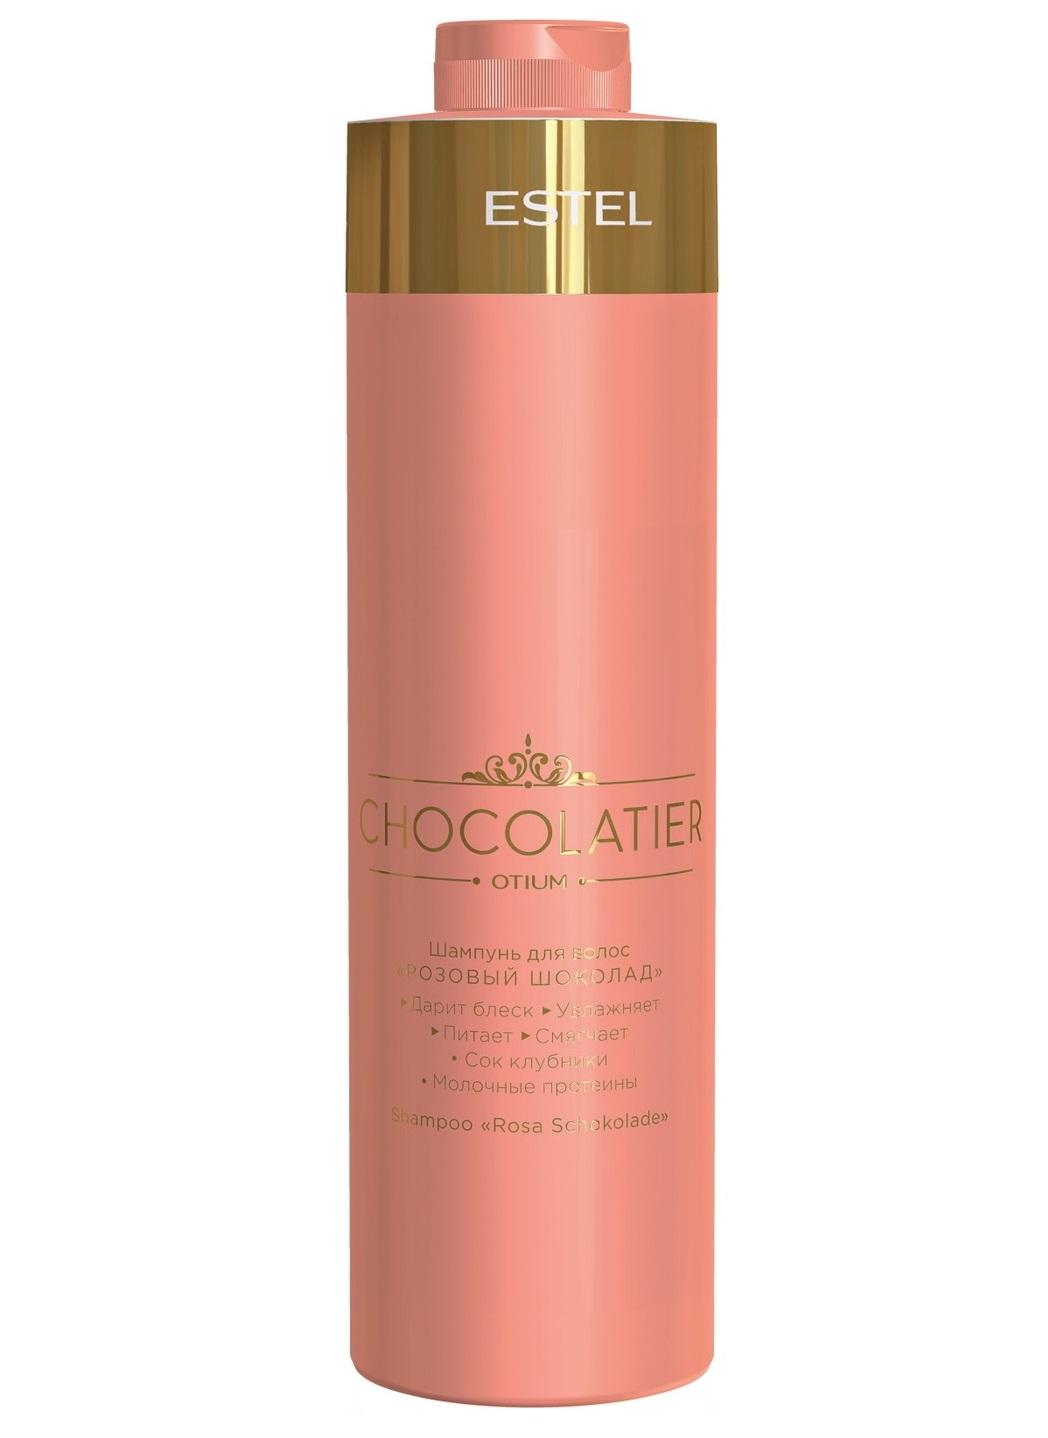 ESTEL PROFESSIONAL Шампунь для волос Розовый шоколад / CHOCOLATIER 1000 мл